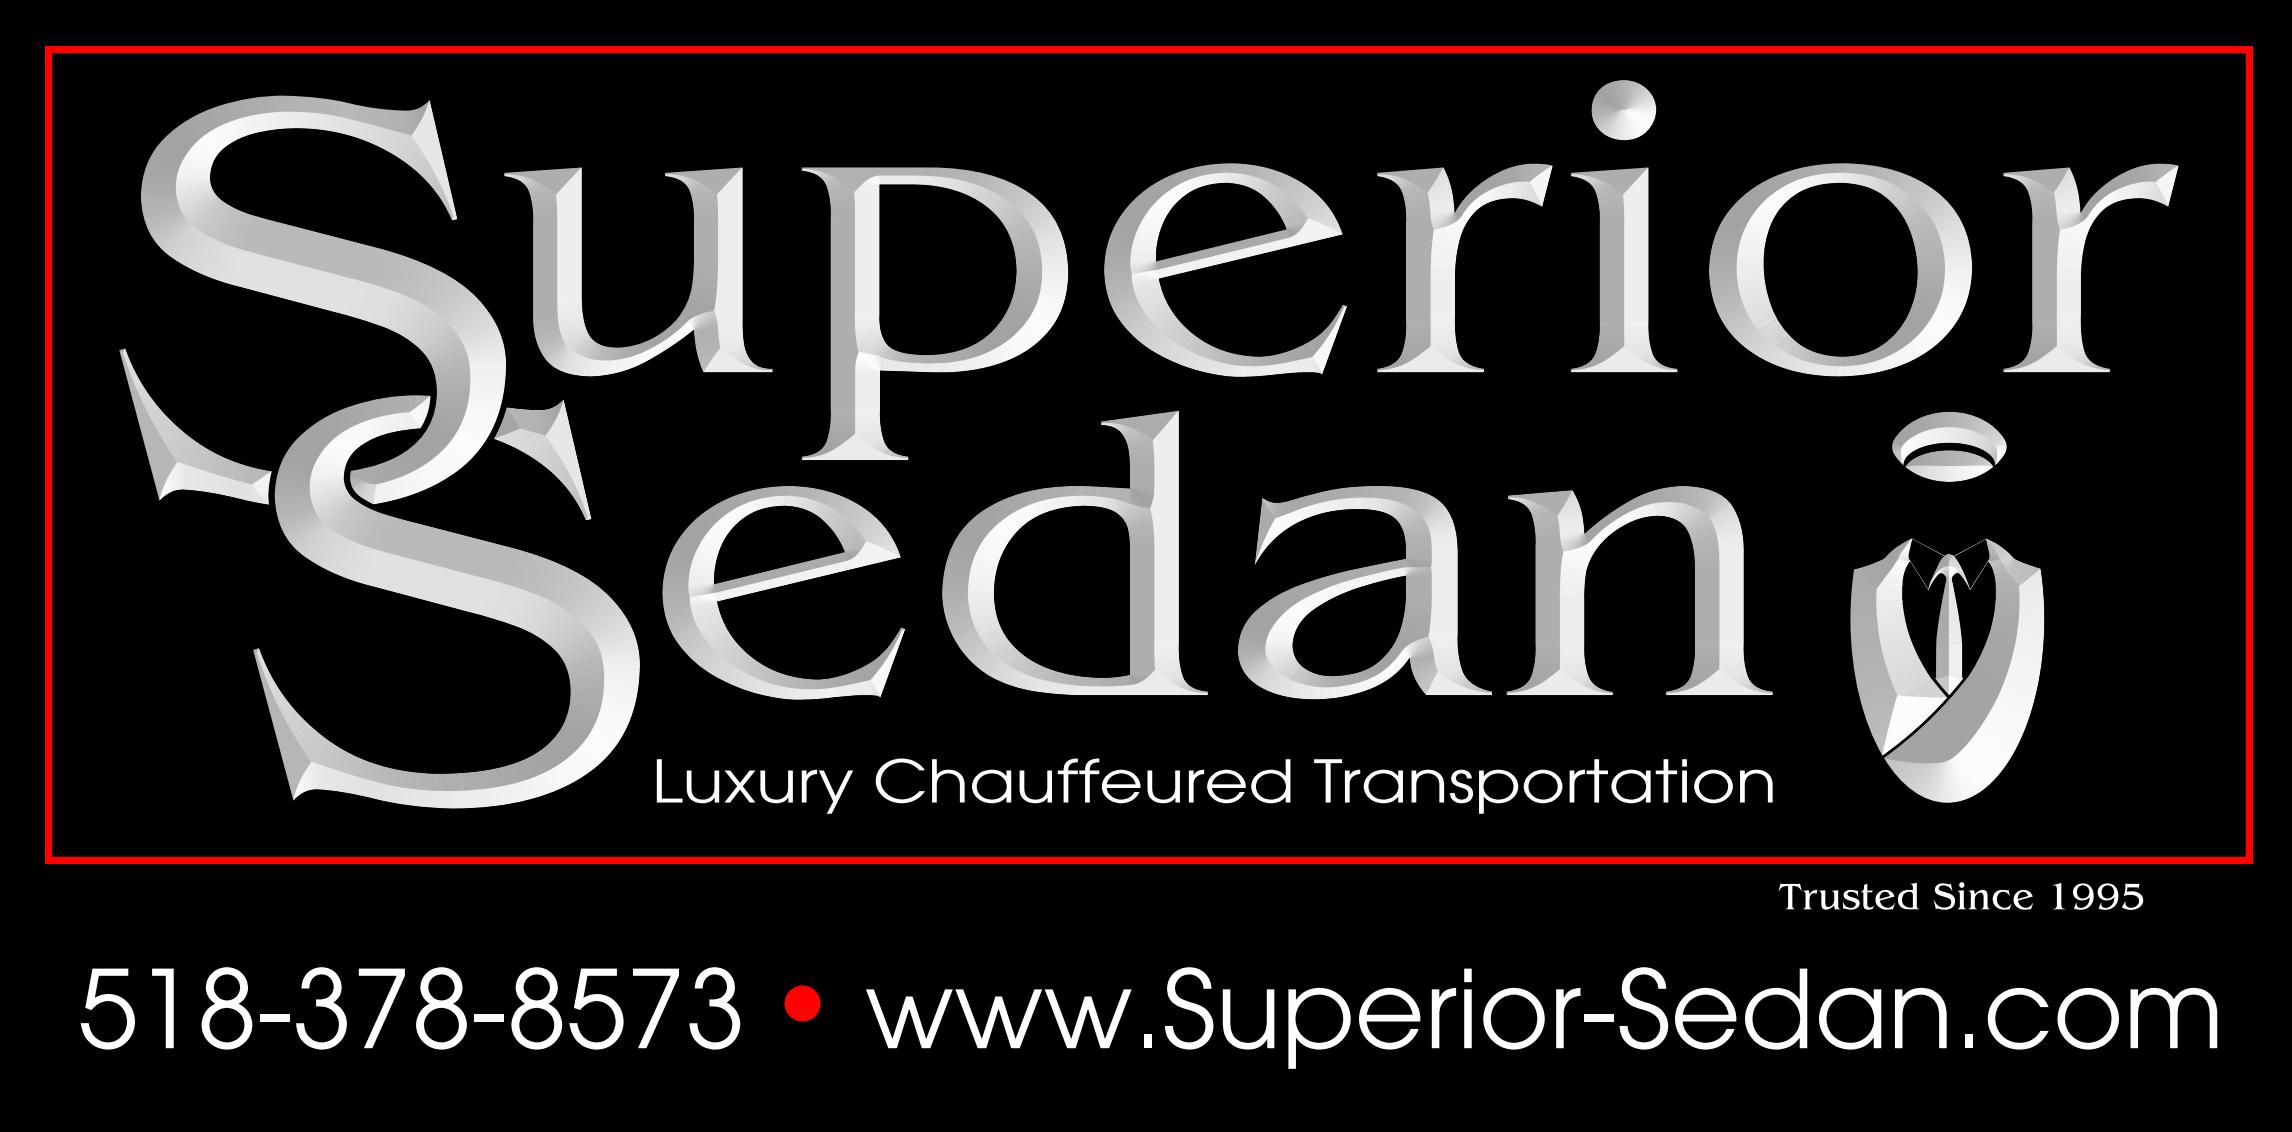 Superior Sedan